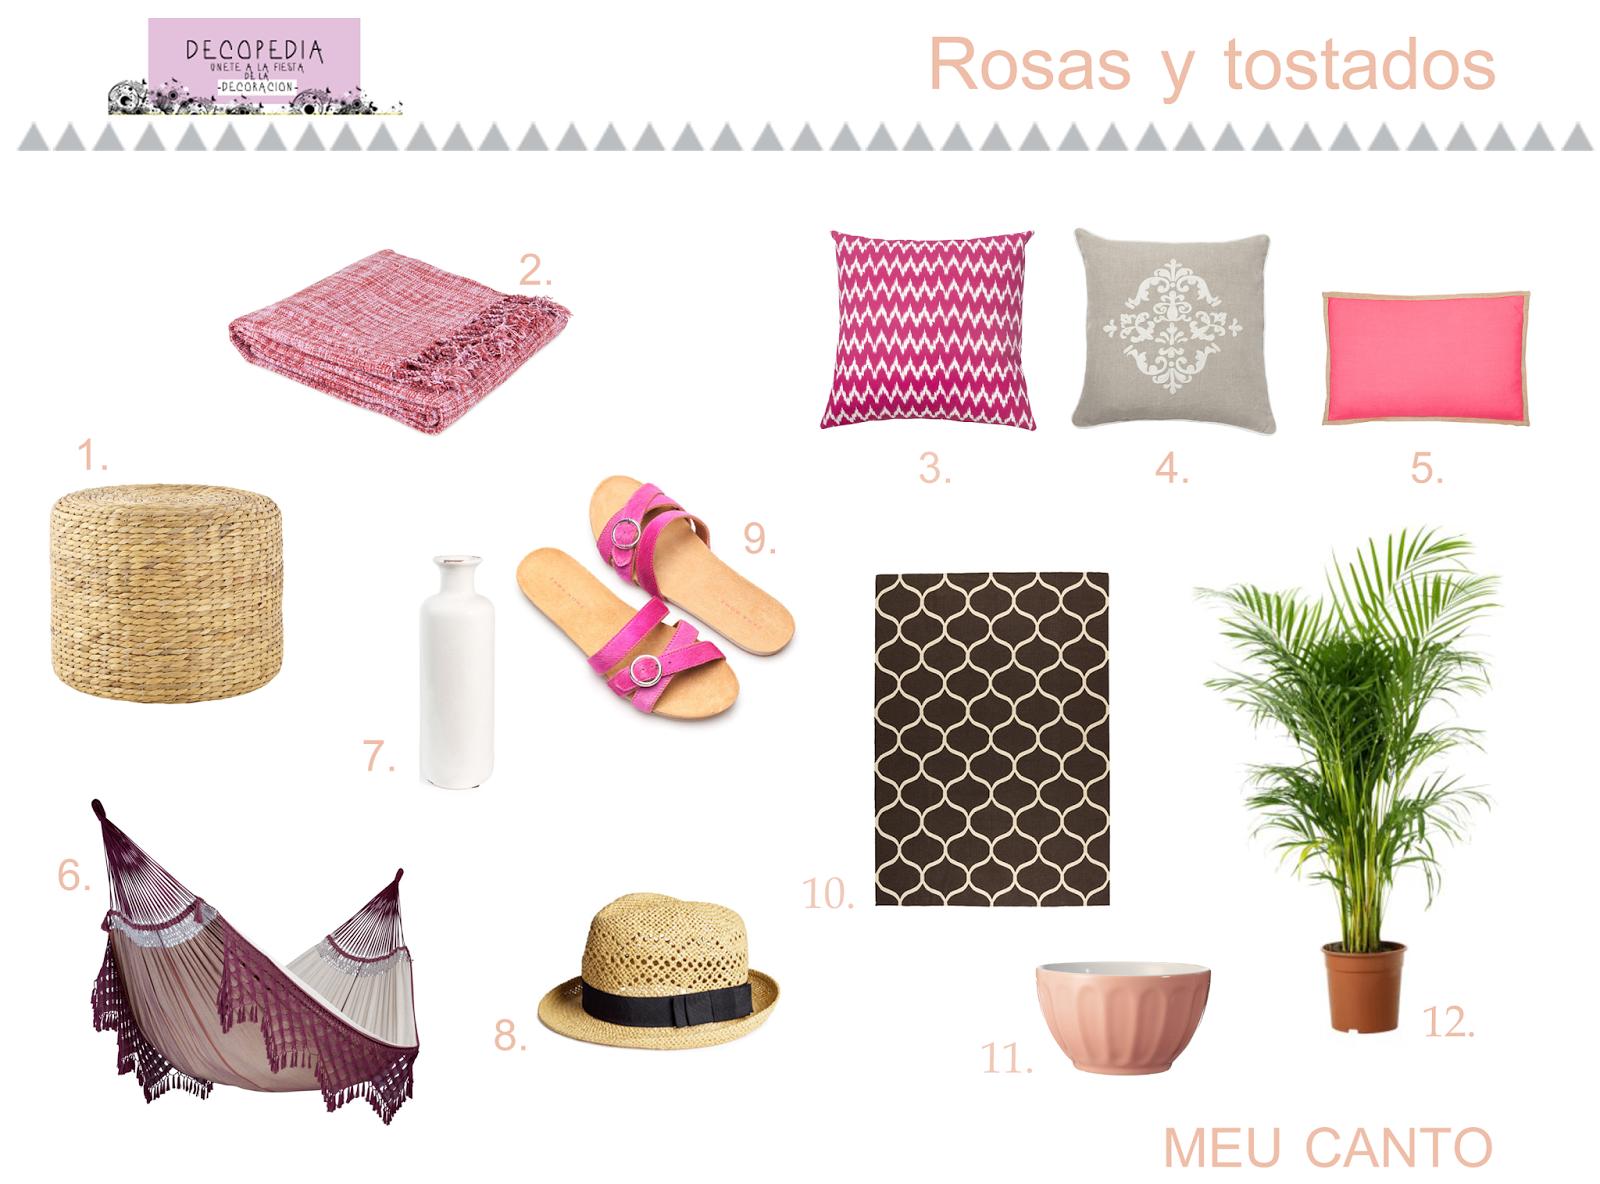 Mobiliario rosa para terrazas